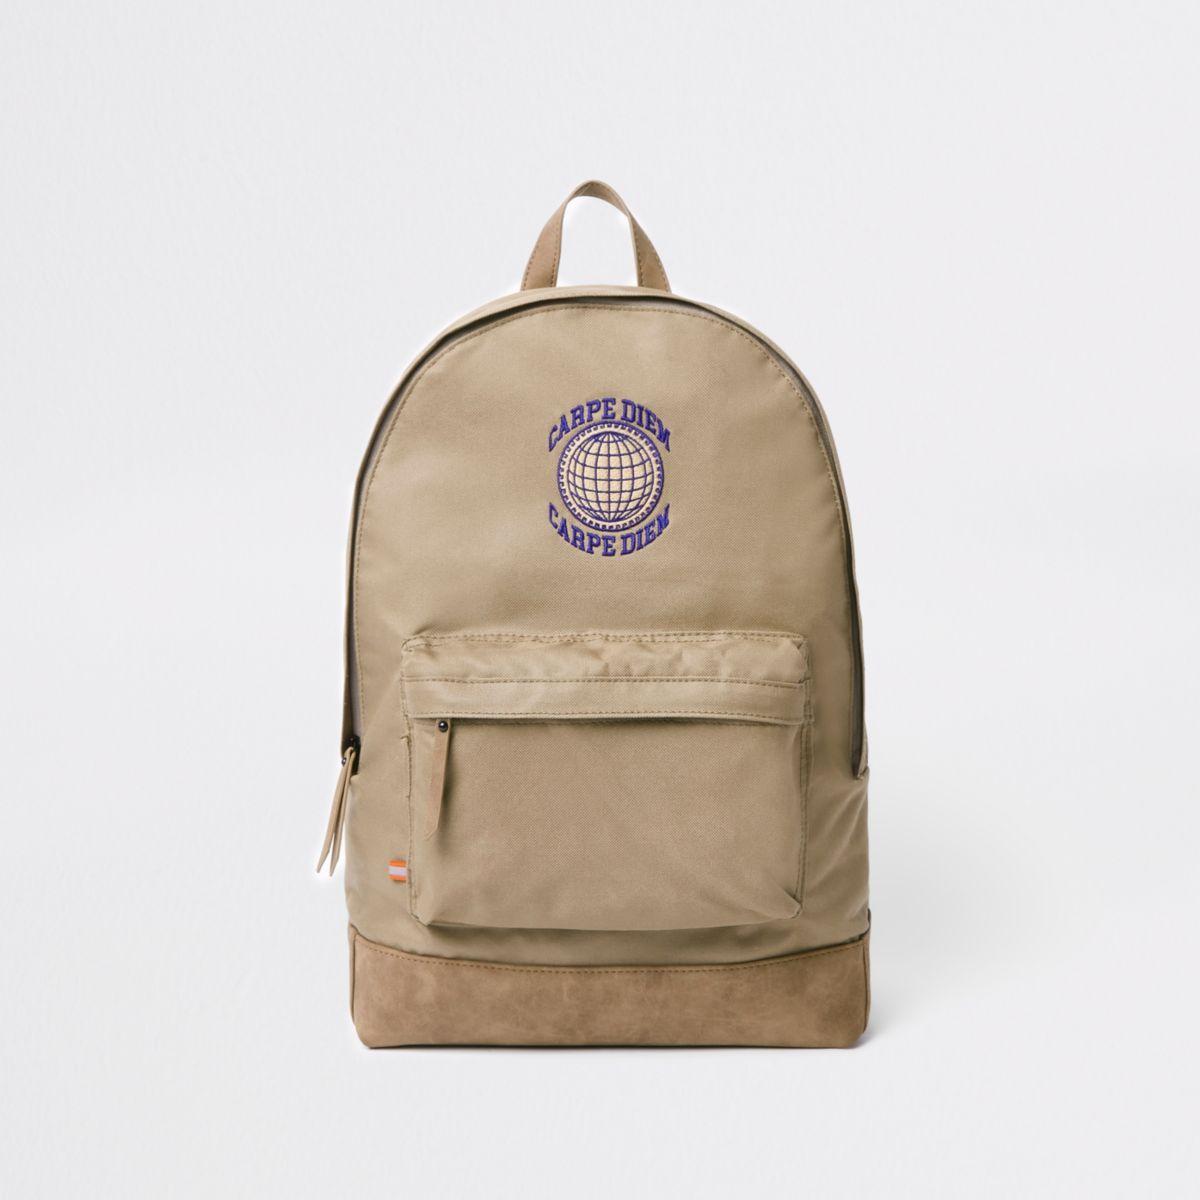 Stone 'Carpe Diem' front pocket backpack